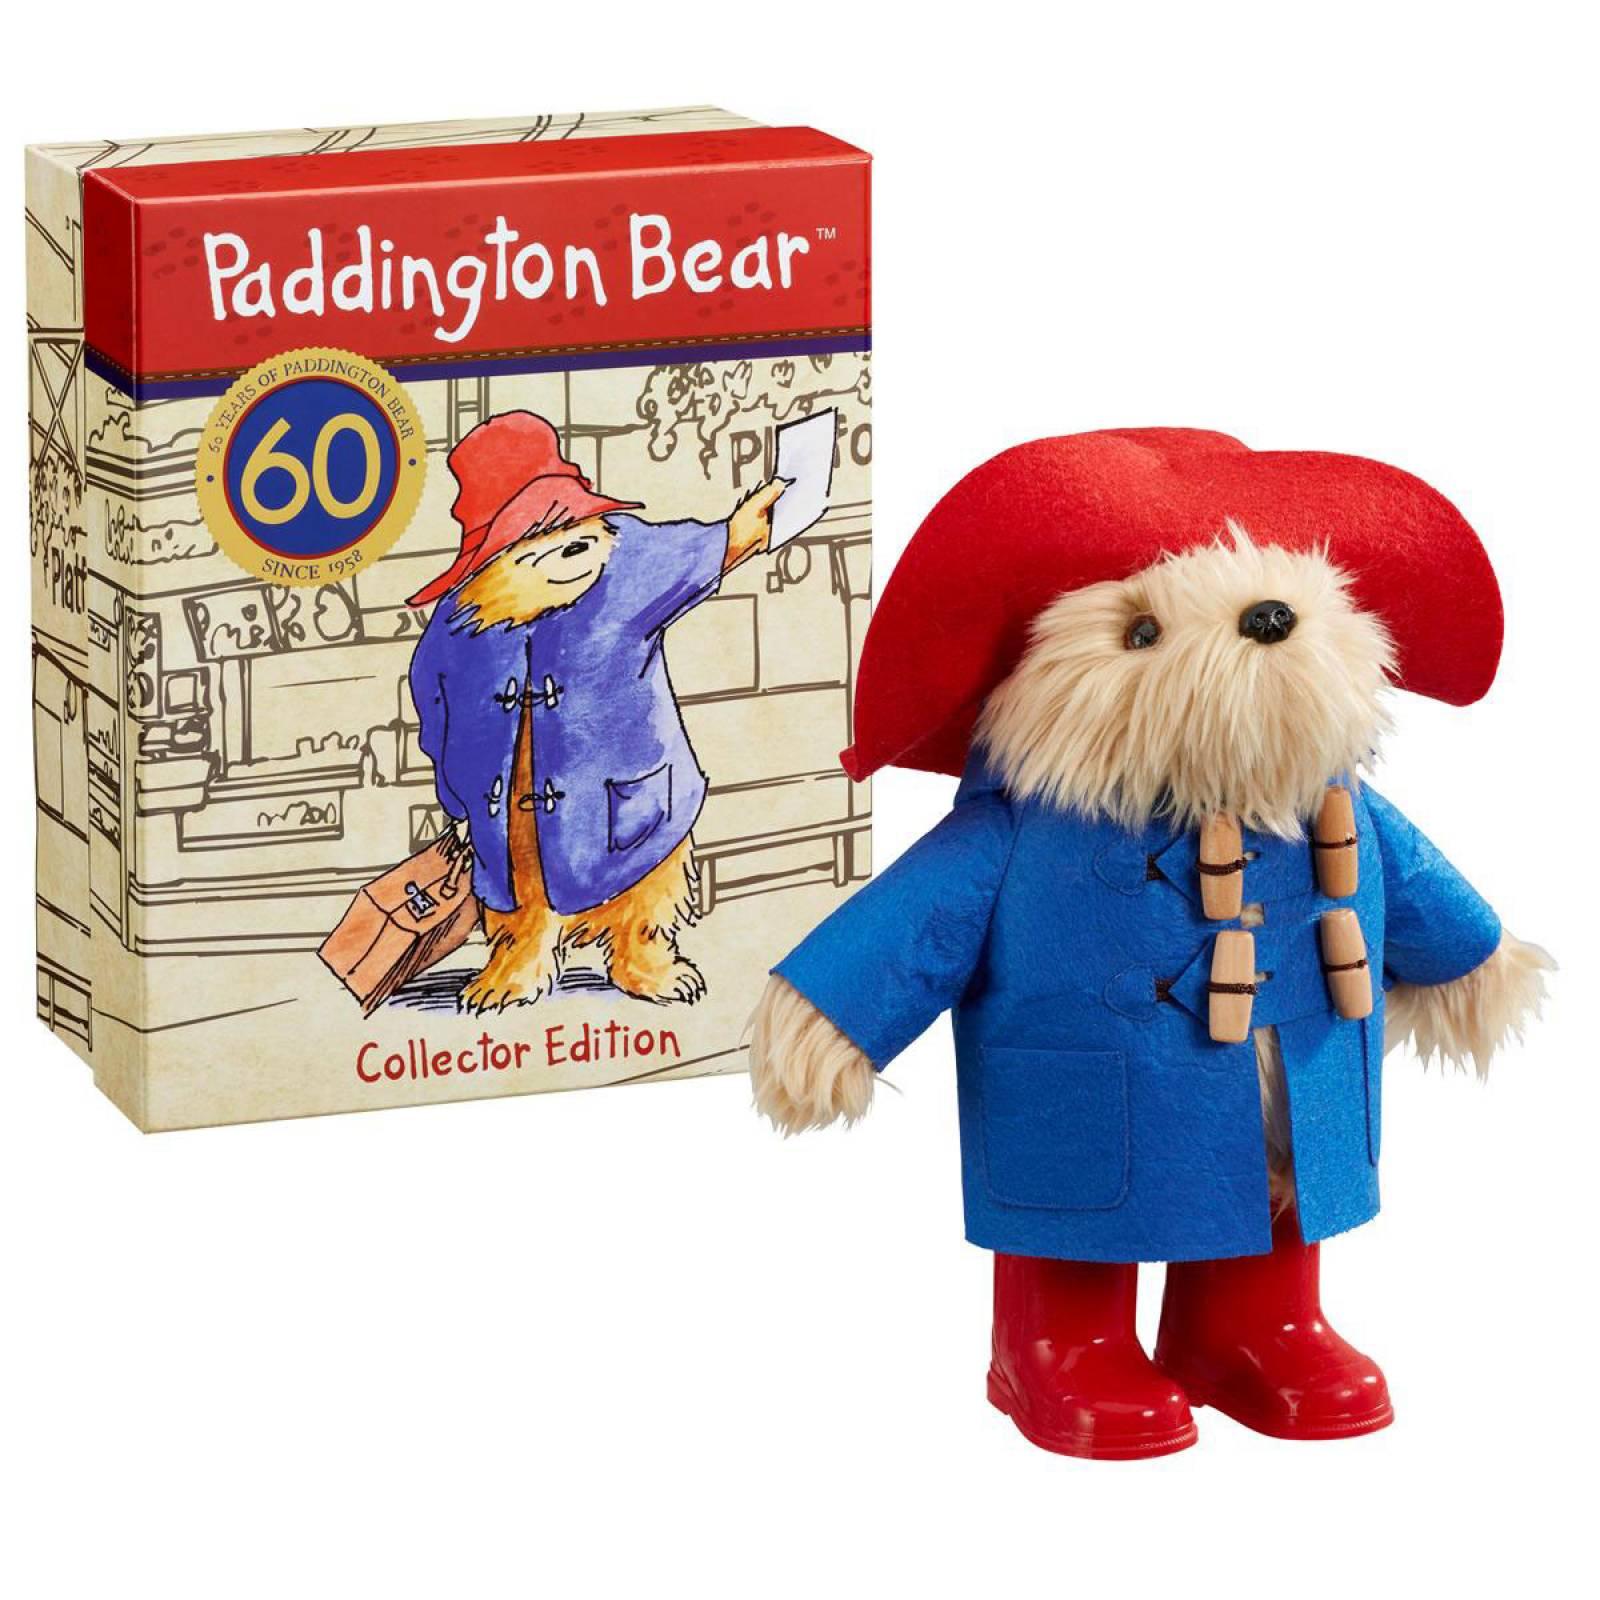 Paddington Soft Toy In Collectors 60th Anniversary Box